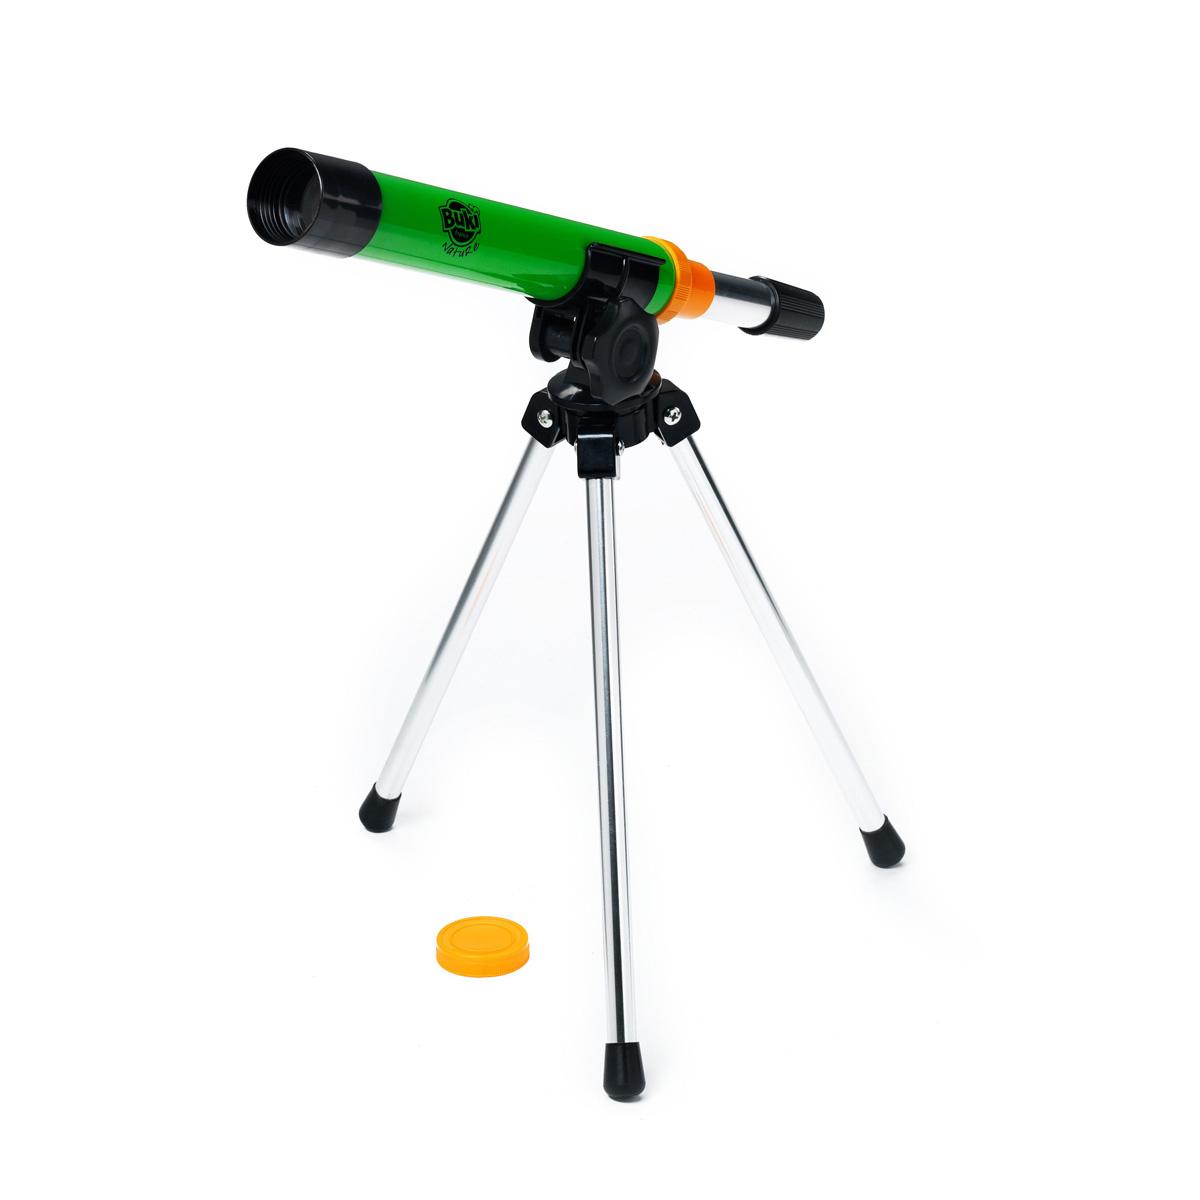 Если Вашего ребенка беспокоят вопросы космического масштаба, без телескопа просто не обойтись! Он способен увеличивать предметы в 30 раз, так что малыш легко сможет приблизиться к Луне и звездам. А также сможет внимательно рассмотреть муравьев, птиц и белок. Такой телескоп поможет разбудить в вашем малыше интерес к астрономии и станет отличным подарком для маленького «почемучки». Многие астрономы с мировым именем в свое время начинали открывать Вселенную с помощью этого простого инструмента! Телескоп очень прост в обращении и не требует особых навыков для использования. Малыш легко поймет, как через него наблюдать за небом, деревьями и людьми вокруг. У телескопа устойчивая и надежная тренога, так что ребенку будет удобно с ним обращаться.